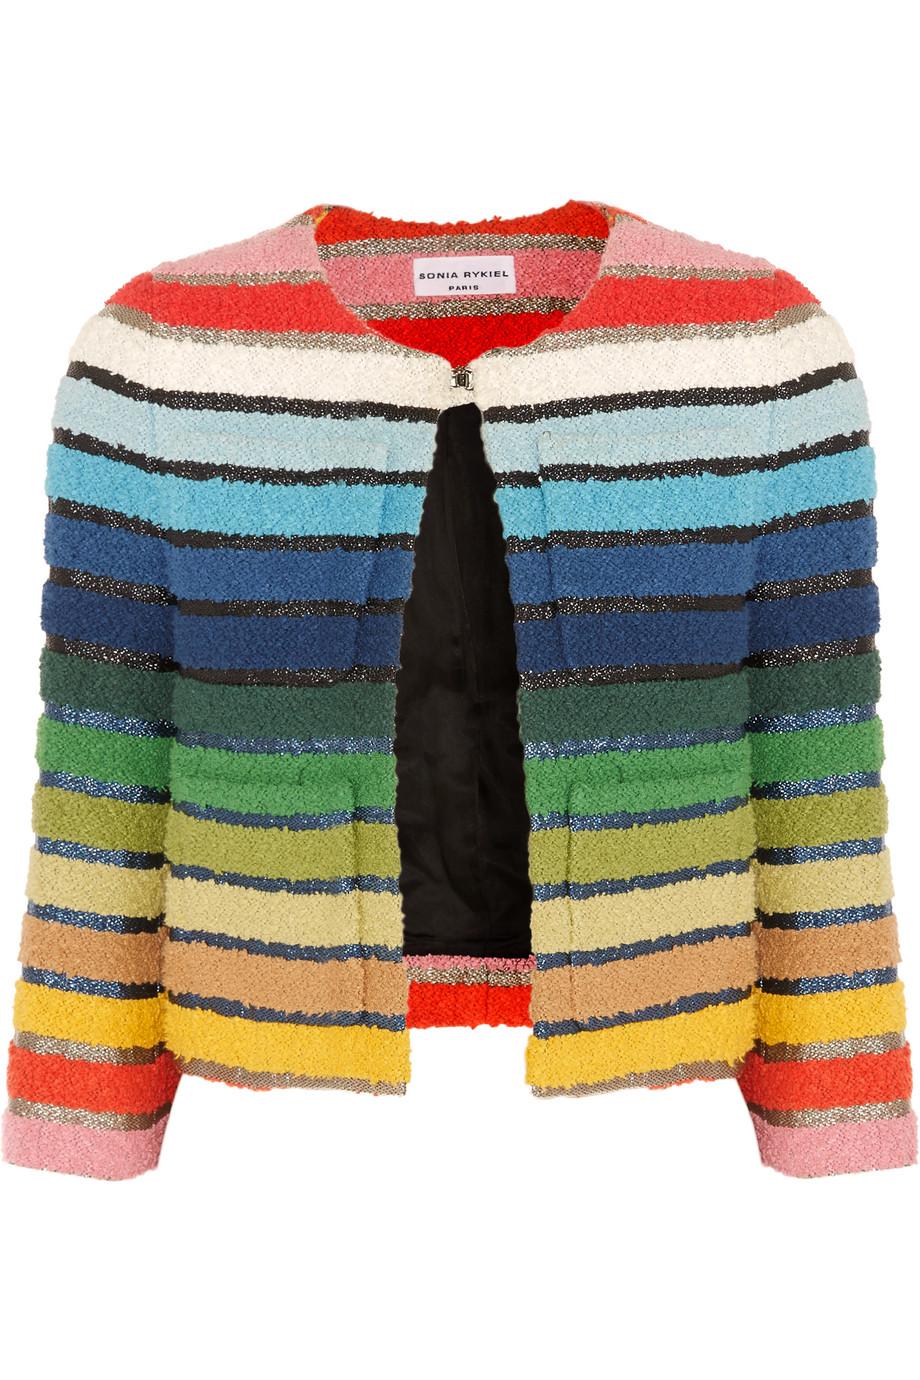 Sonia Rykiel Metallic-Striped Cotton-Blend Terry Jacket, Blue/Yellow, Women's, Size: 42